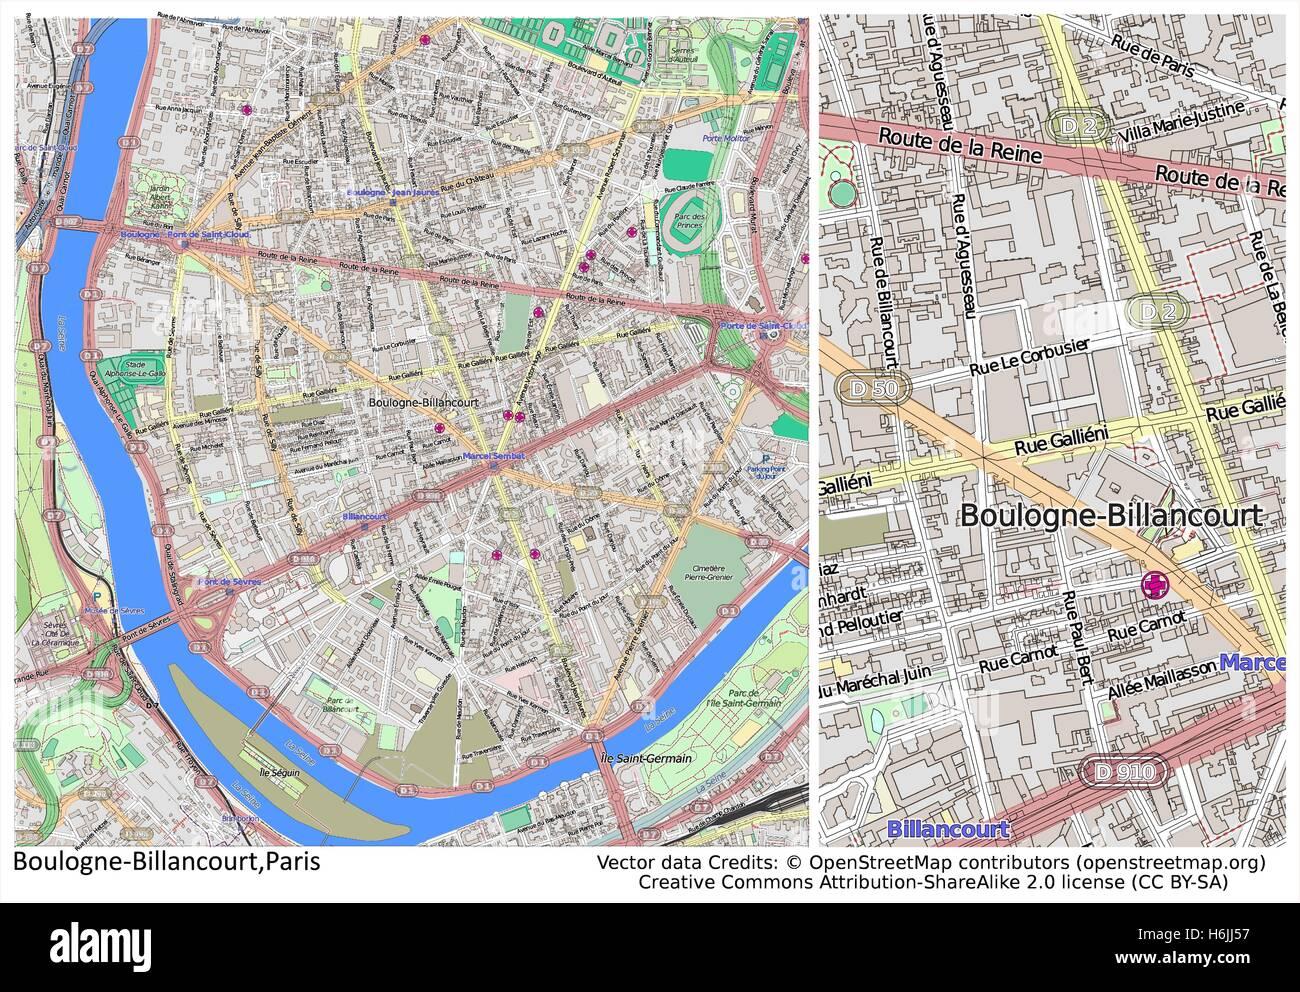 Bolougne Billancourt Paris France city map Stock Vector